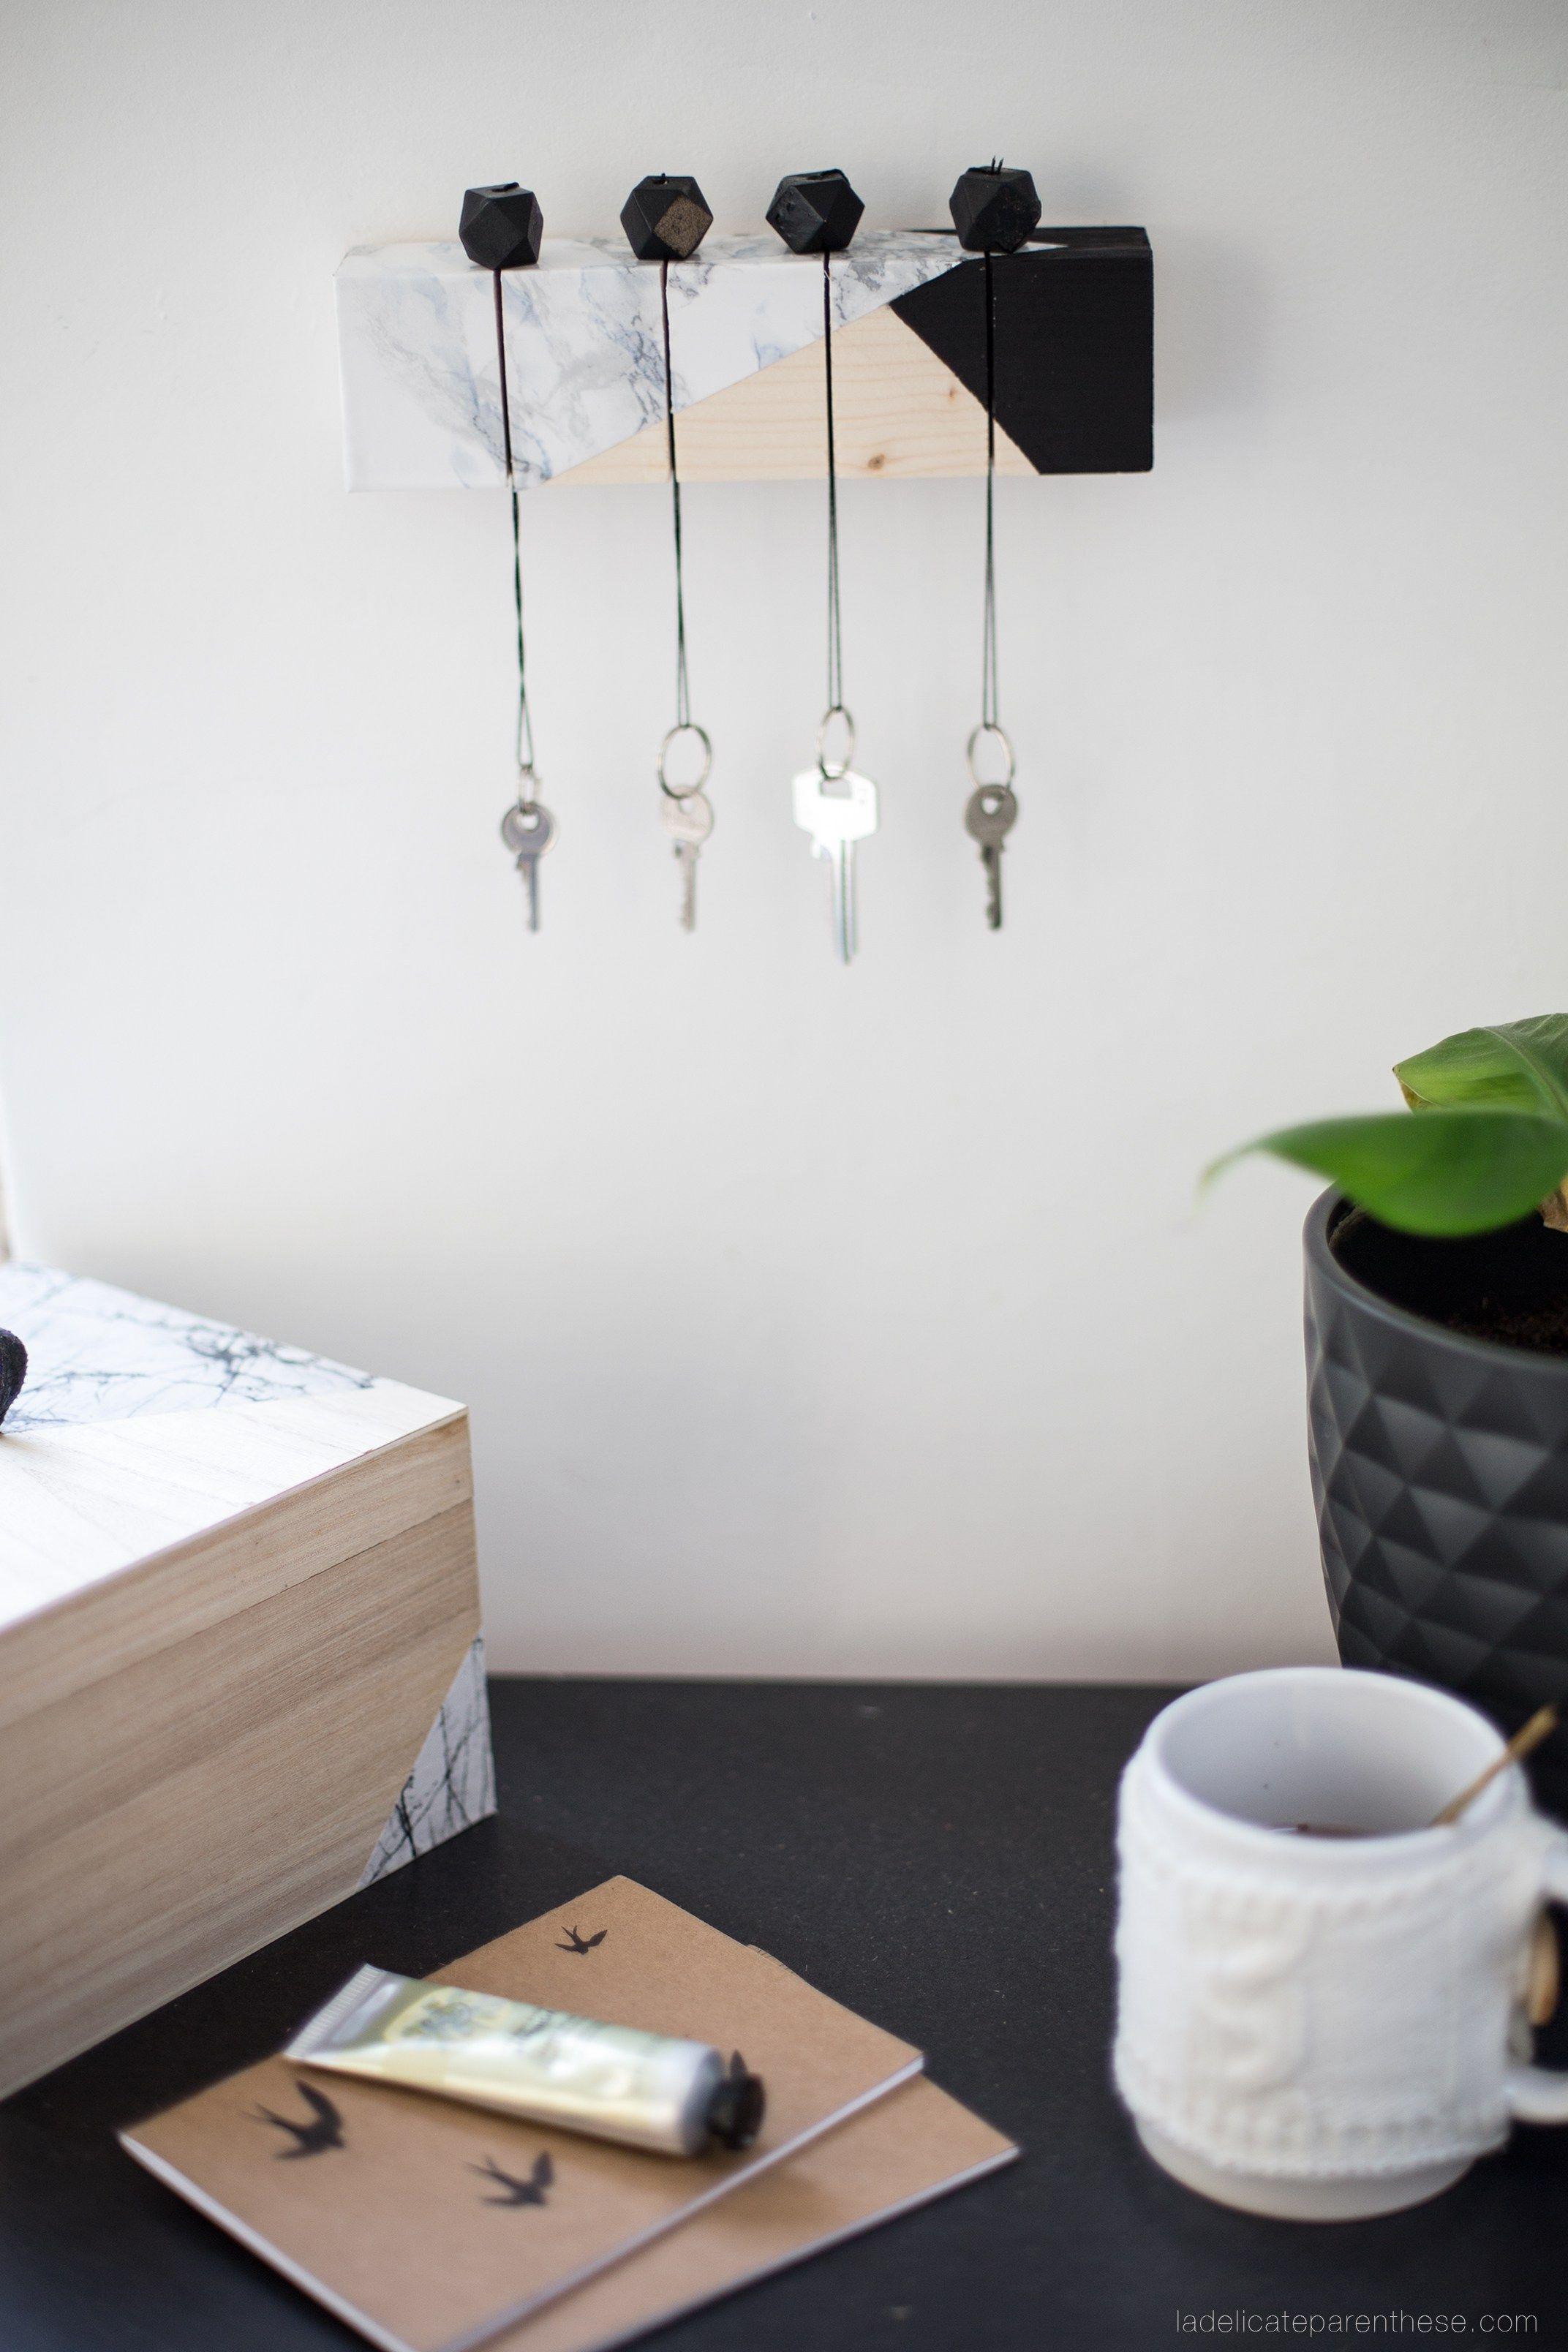 diy un tasseau de bois recycl en porte clef pur d. Black Bedroom Furniture Sets. Home Design Ideas